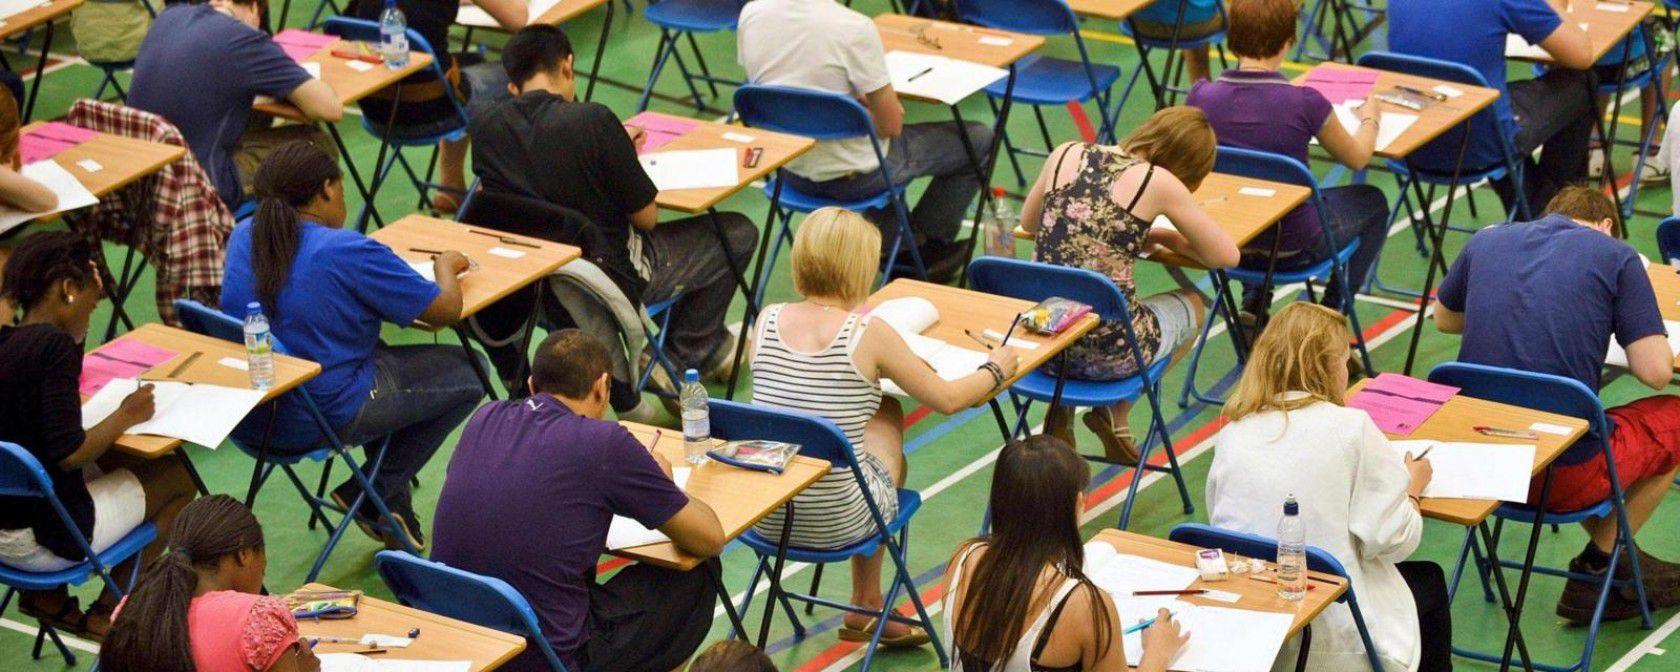 Eğitimci Görüşünden Yurtdışında Eğitim Programları Faydaları Nelerdir?